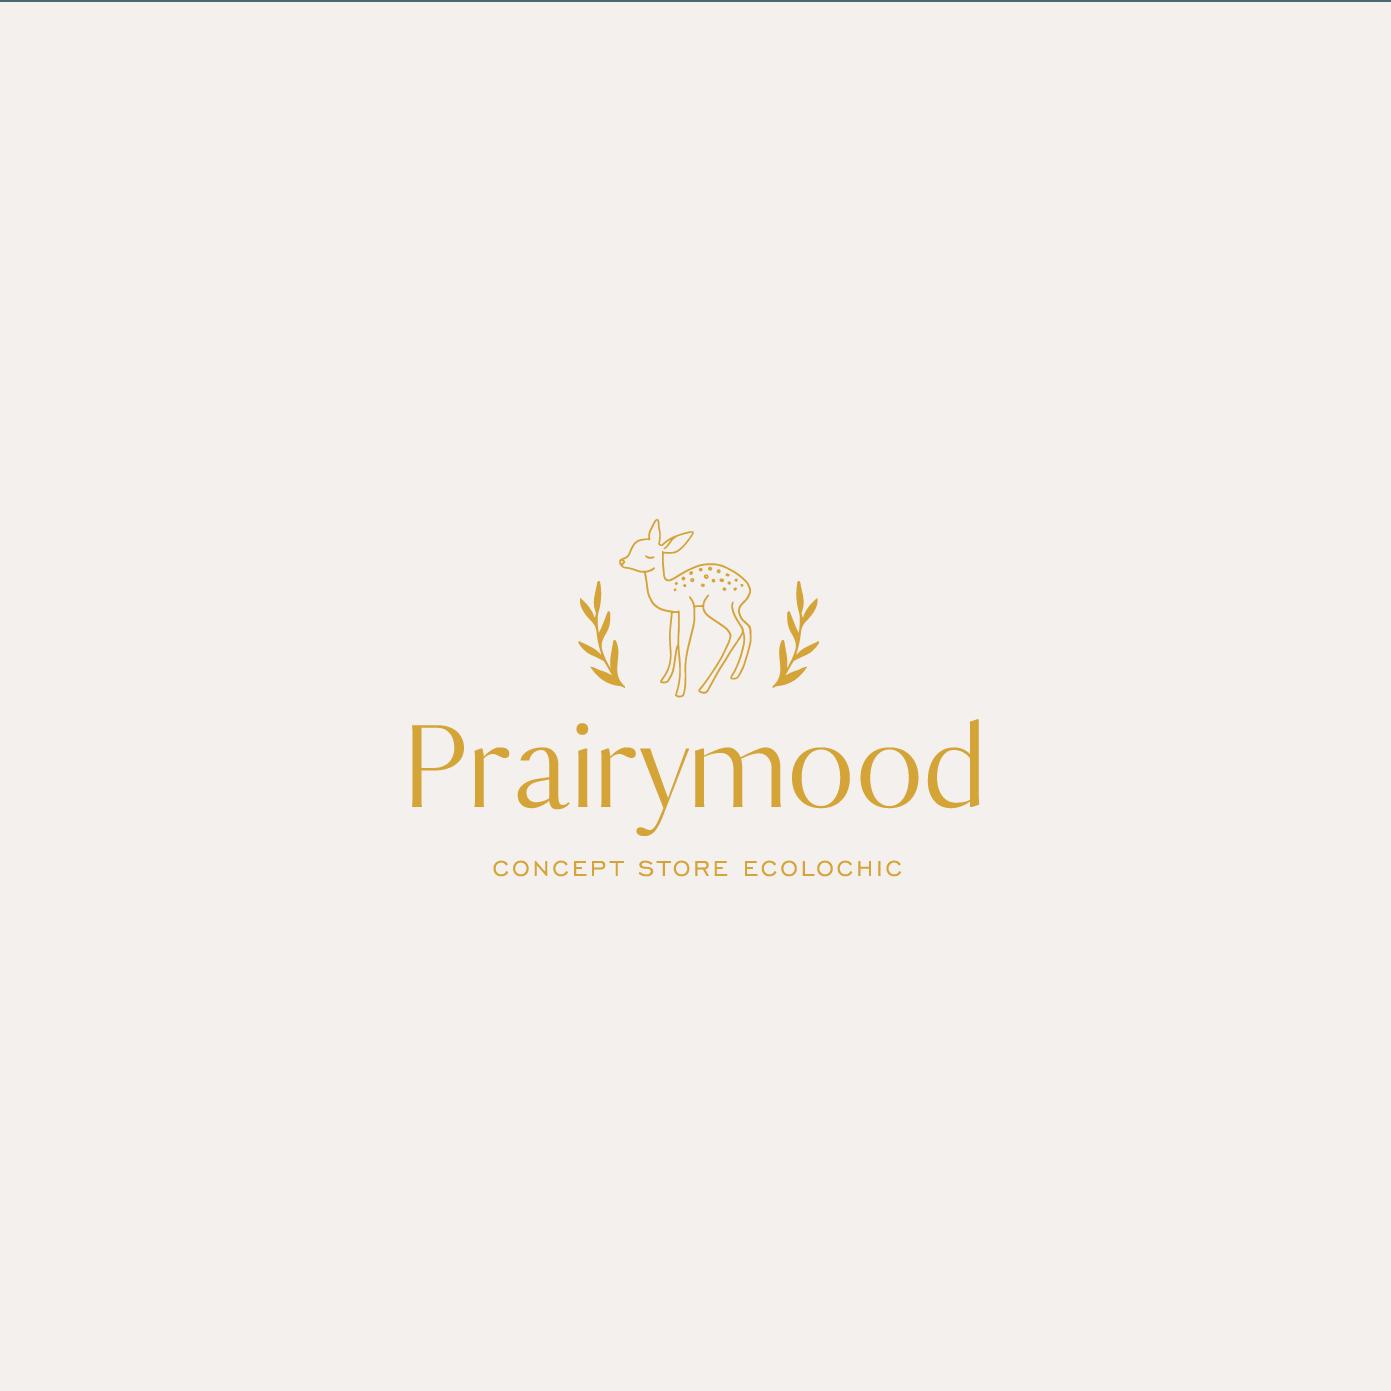 Prairymood3.png